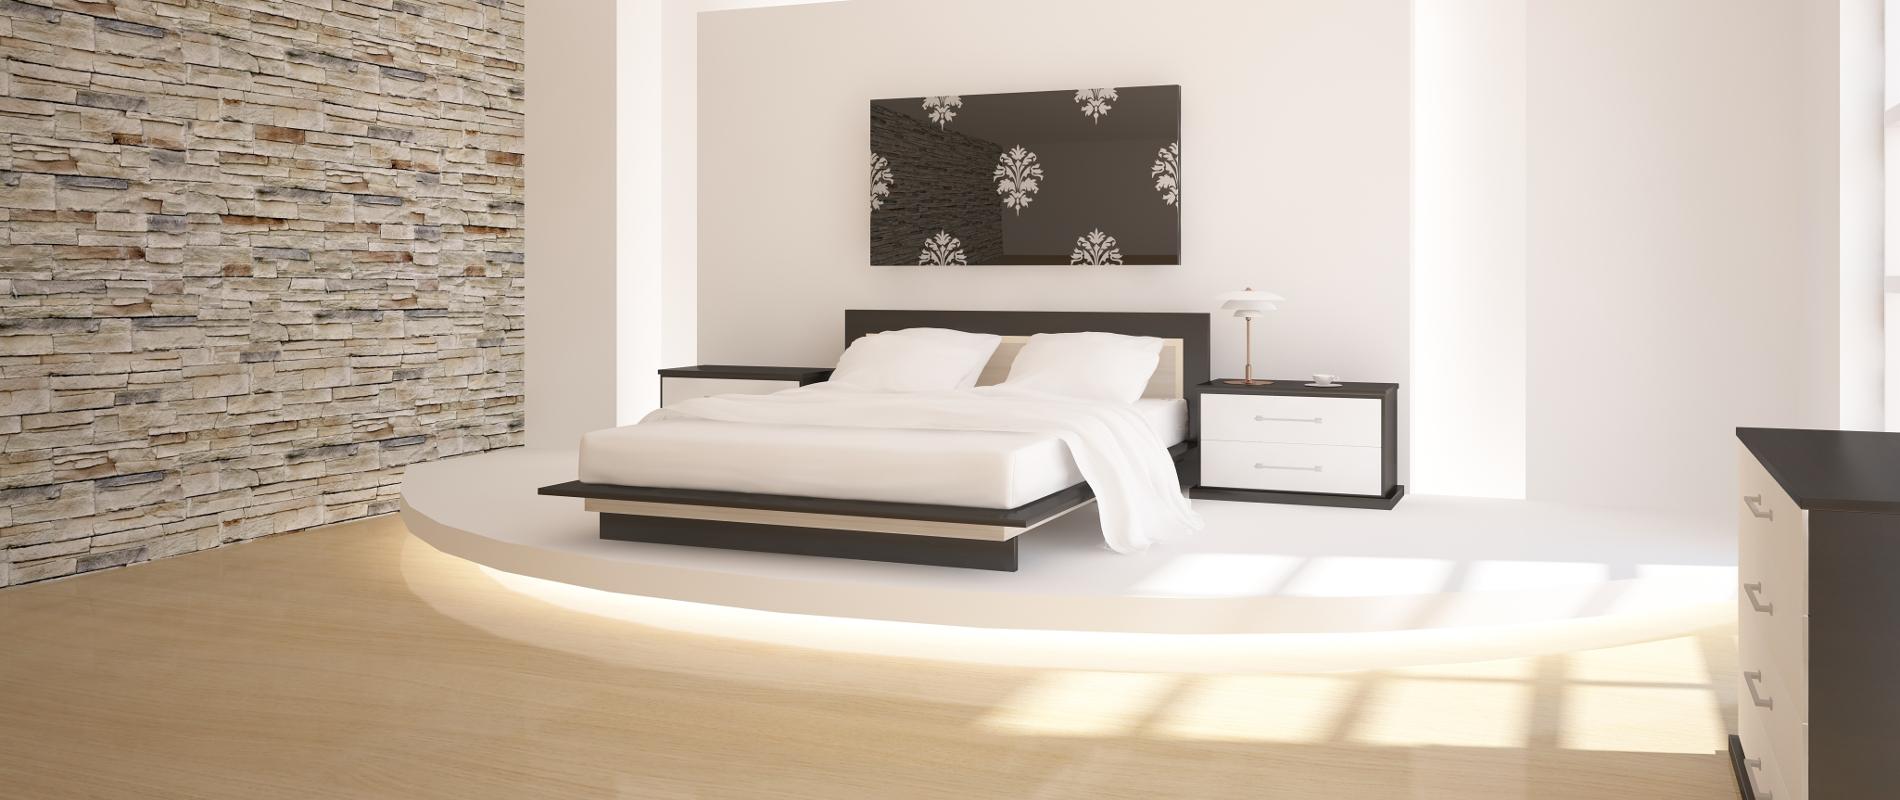 Ristrutturare camera da letto - Ristrutturare la camera da letto ...